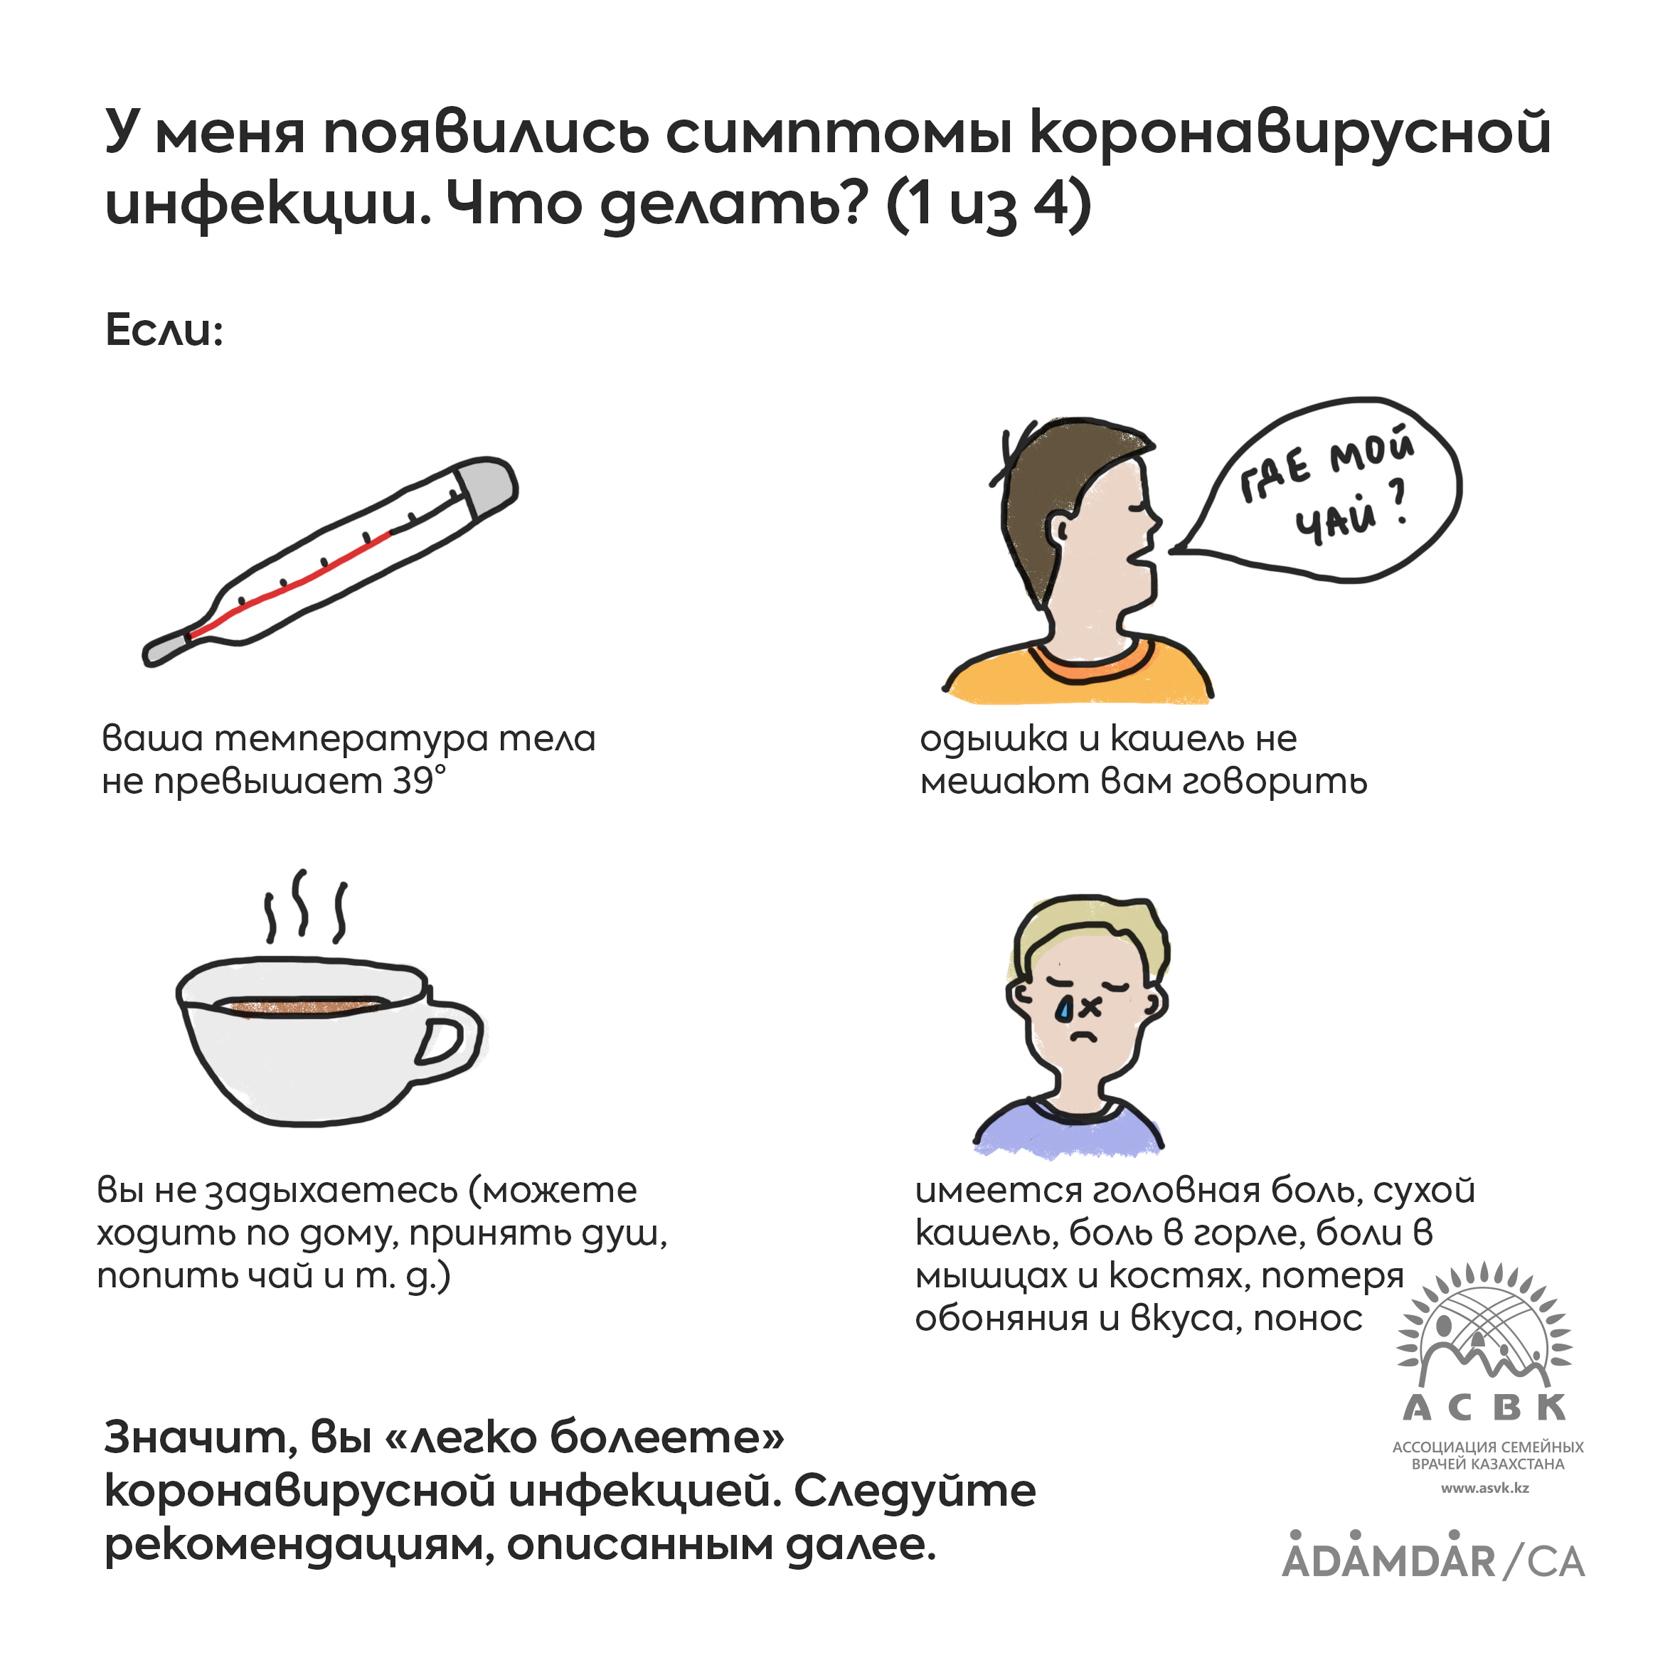 Что такое симптомы и синдромы. полный справочник симптомов. самодиагностика заболеваний